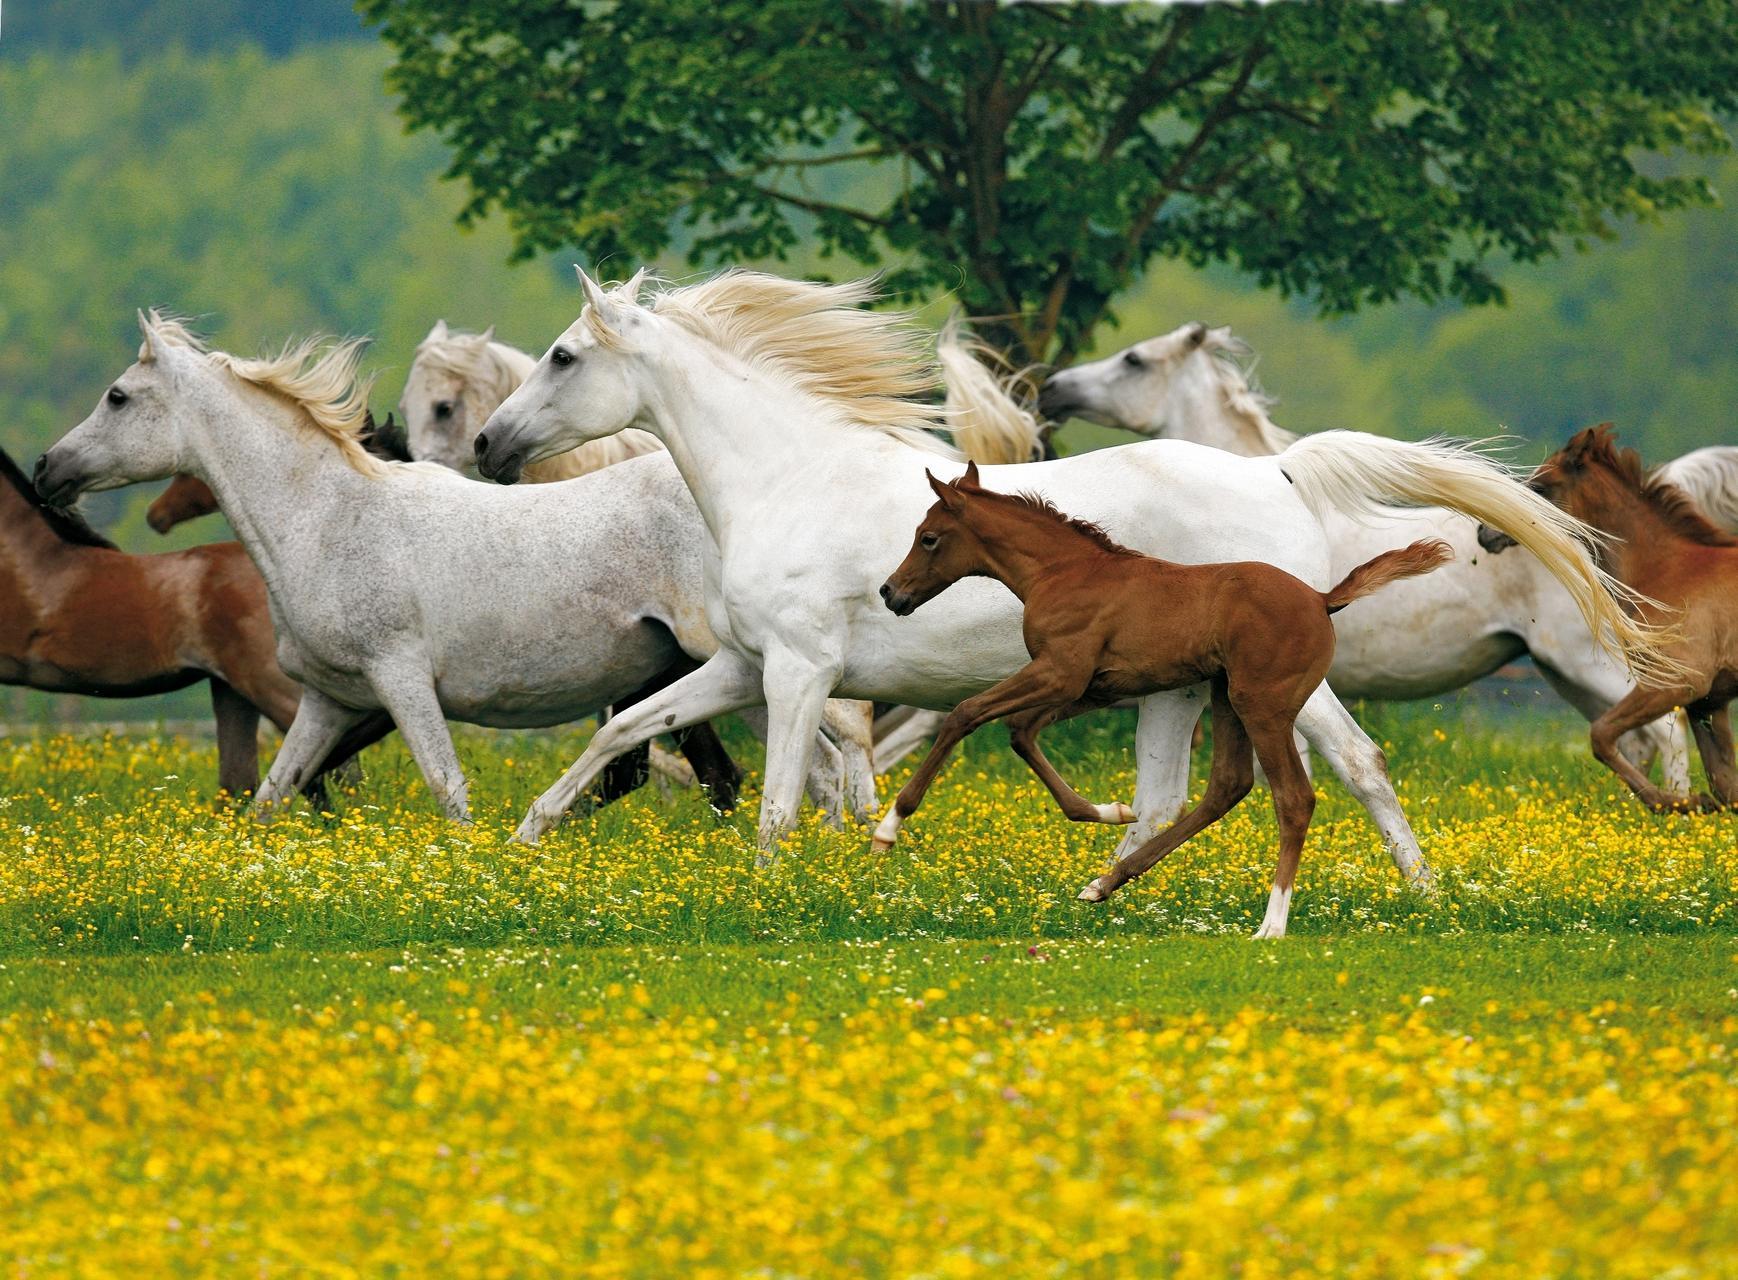 Mehrere weiße und braune Pferde und Fohlen gallopieren über eine gelbe Blumenwiese.